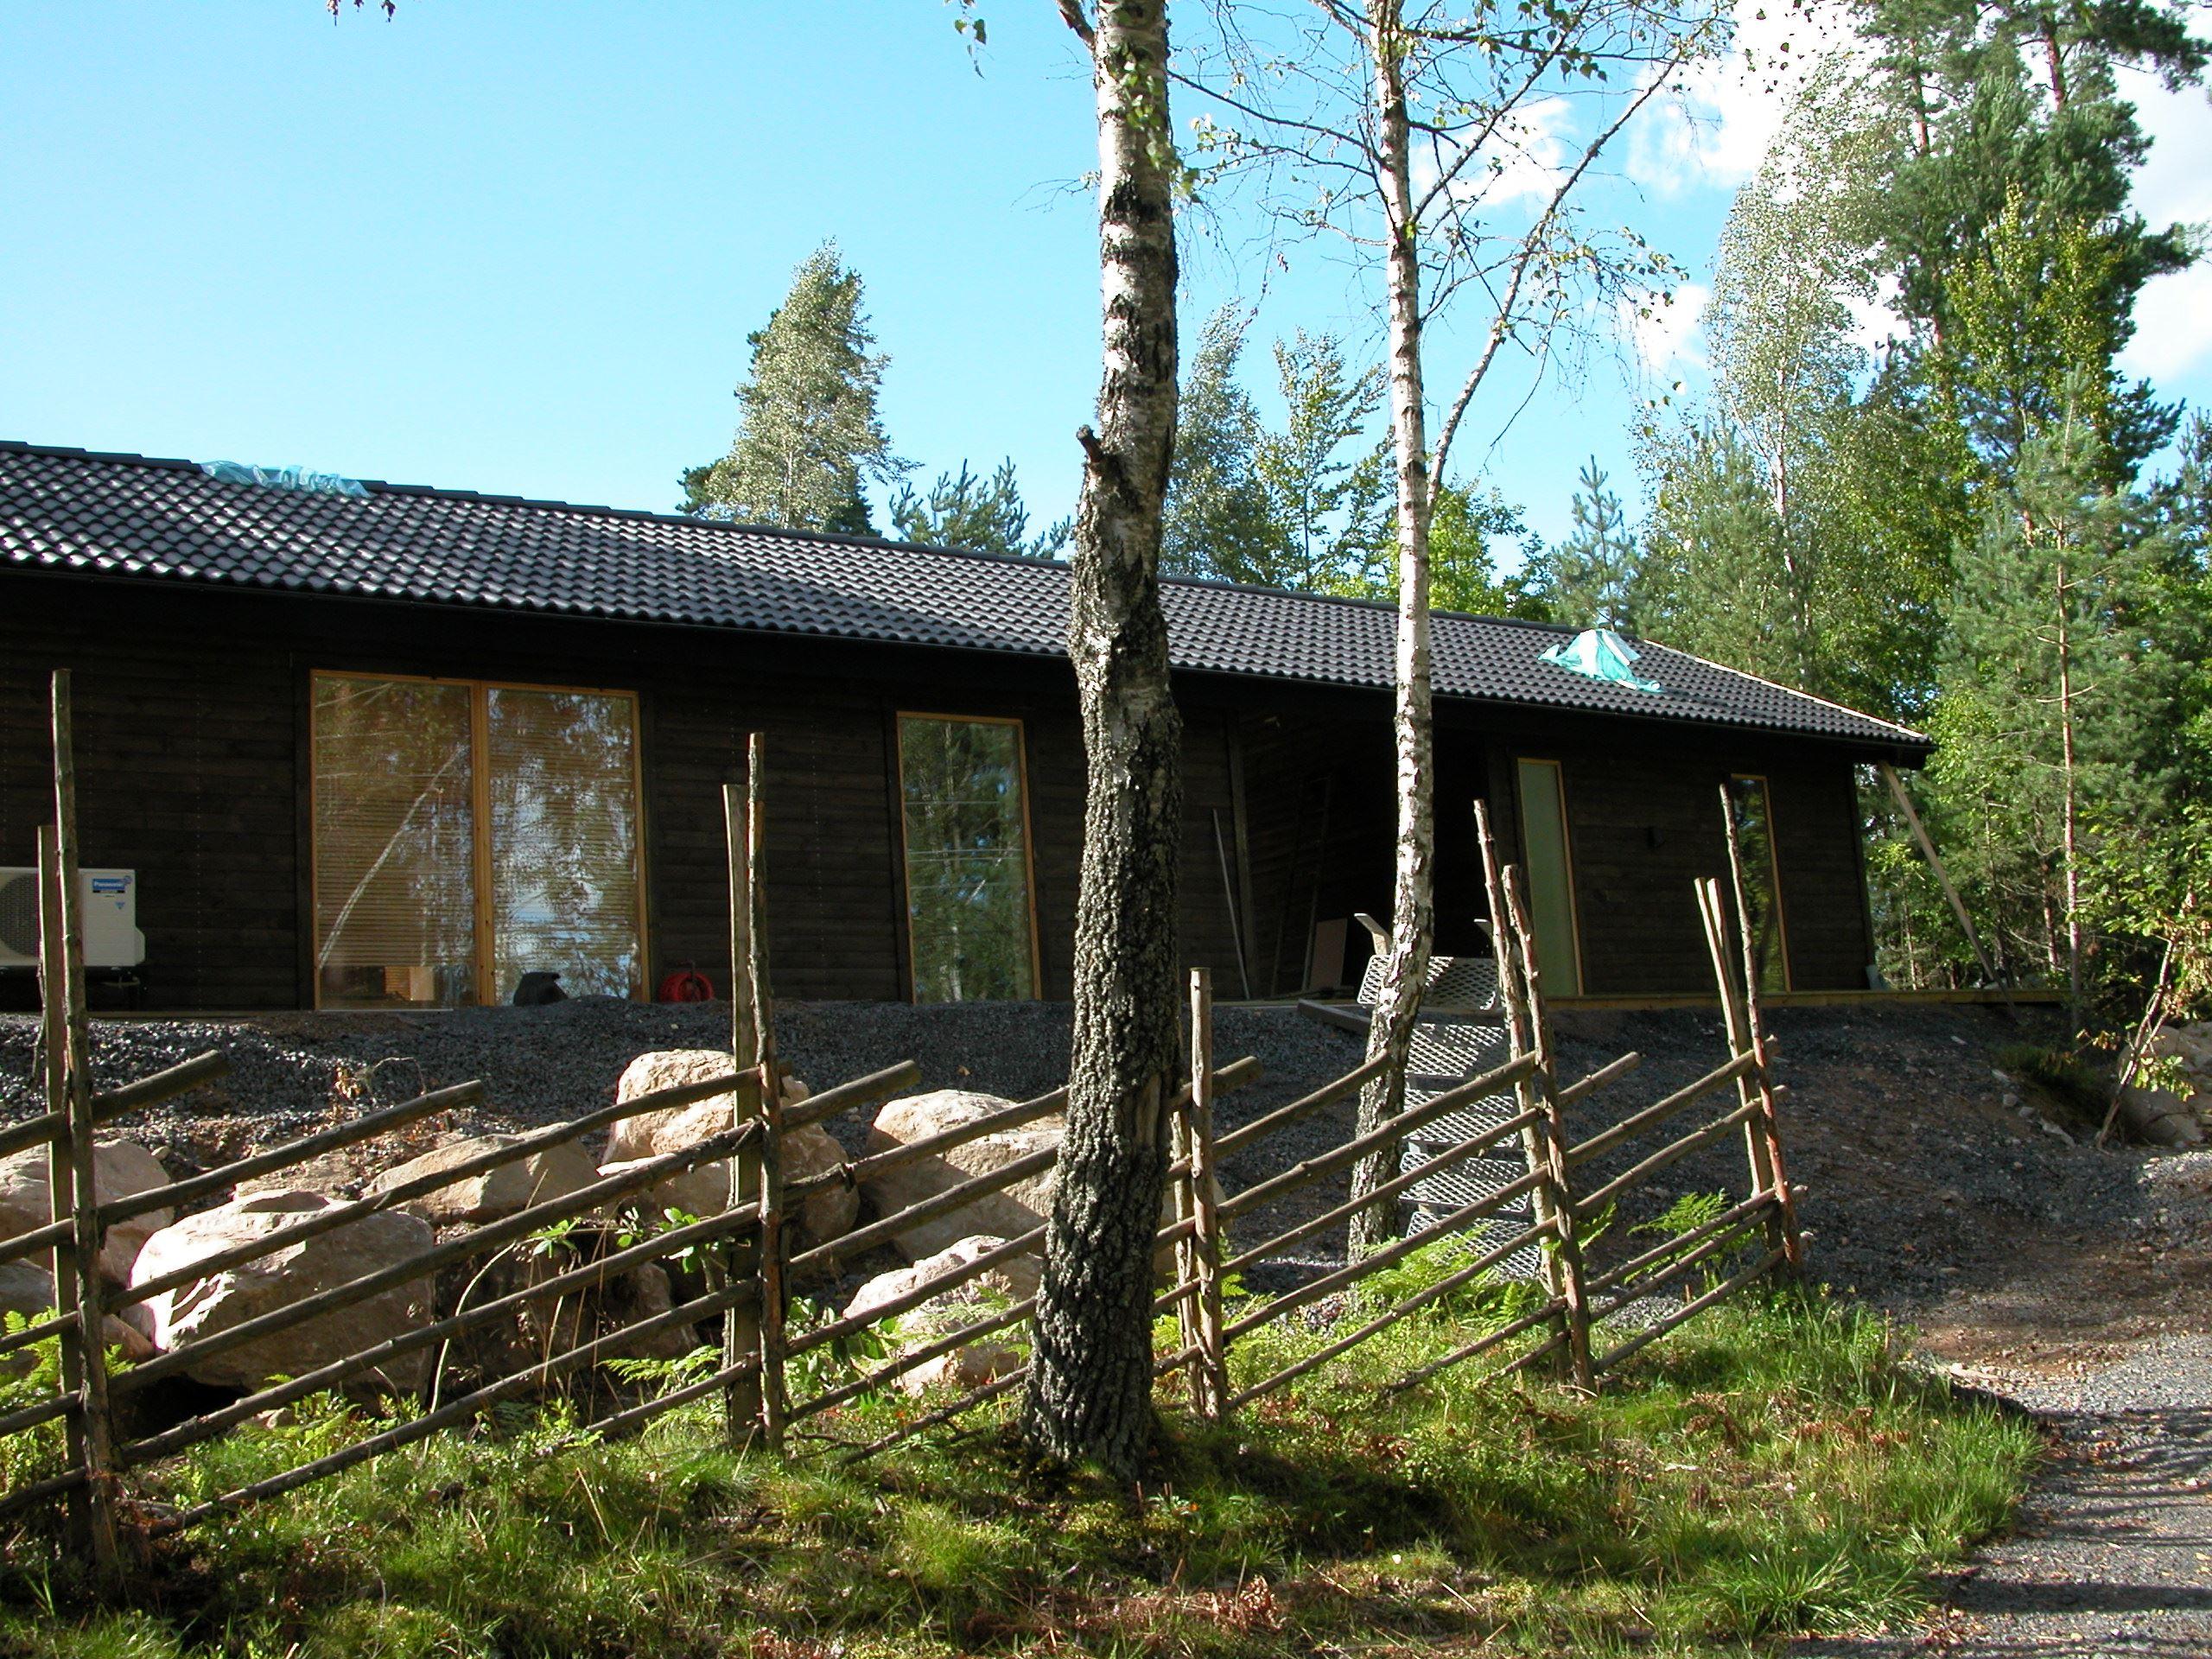 Ferienhaus 27 - Smörahålan - SmålandVip - Ove Varland